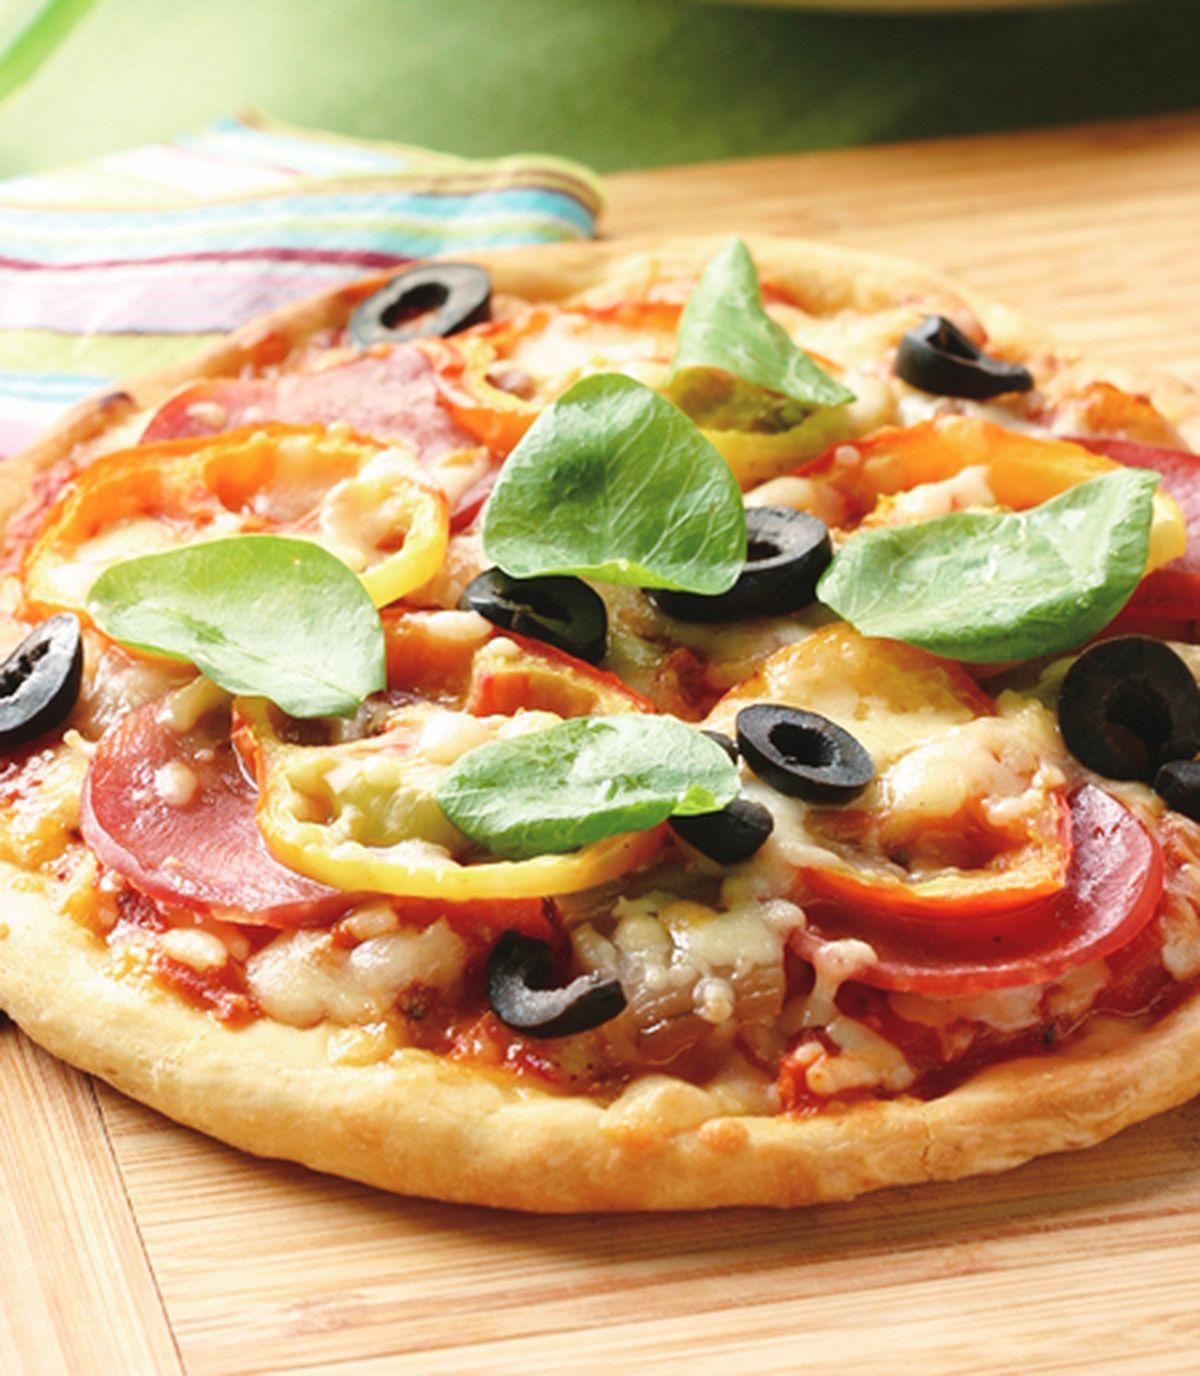 【食譜】拿波里臘腸薄片披薩:www.ytower.com.tw